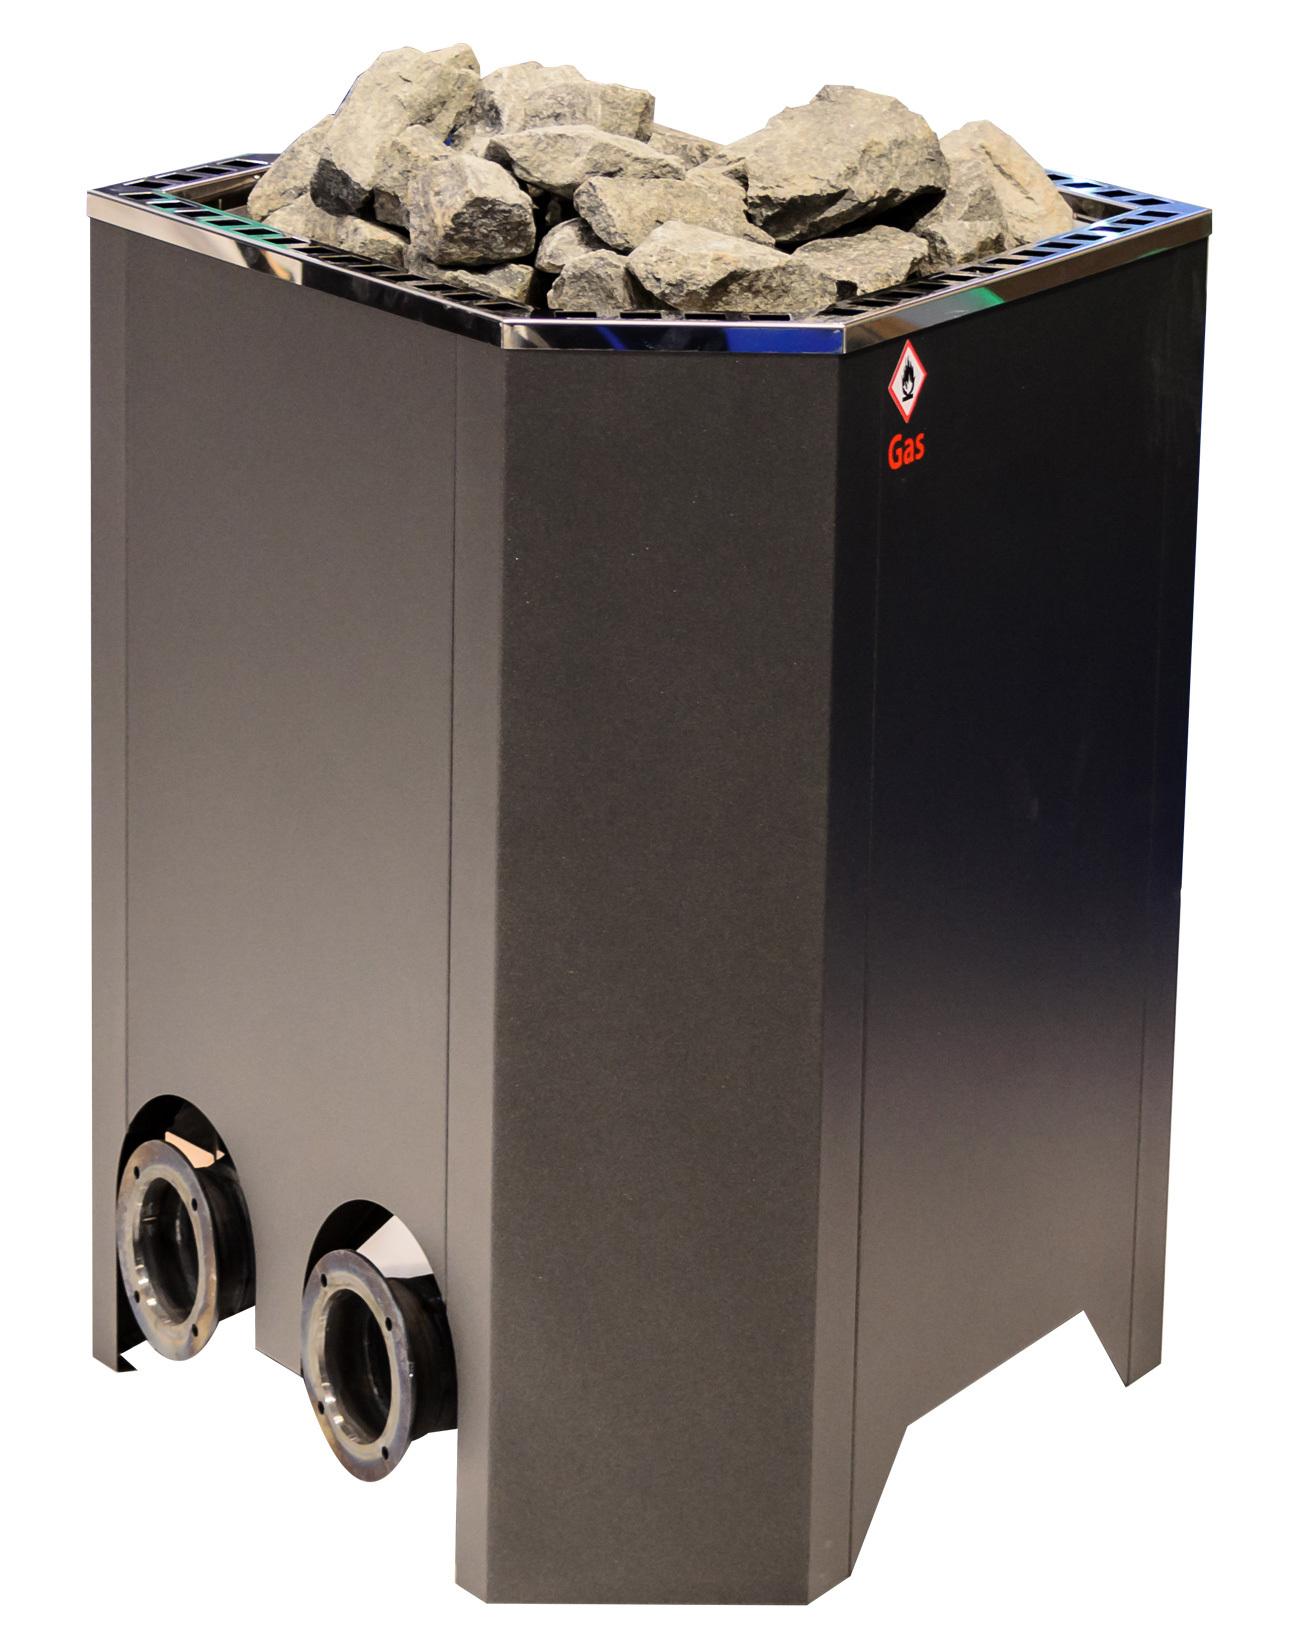 Газовая печь EOS Agon, фото 1